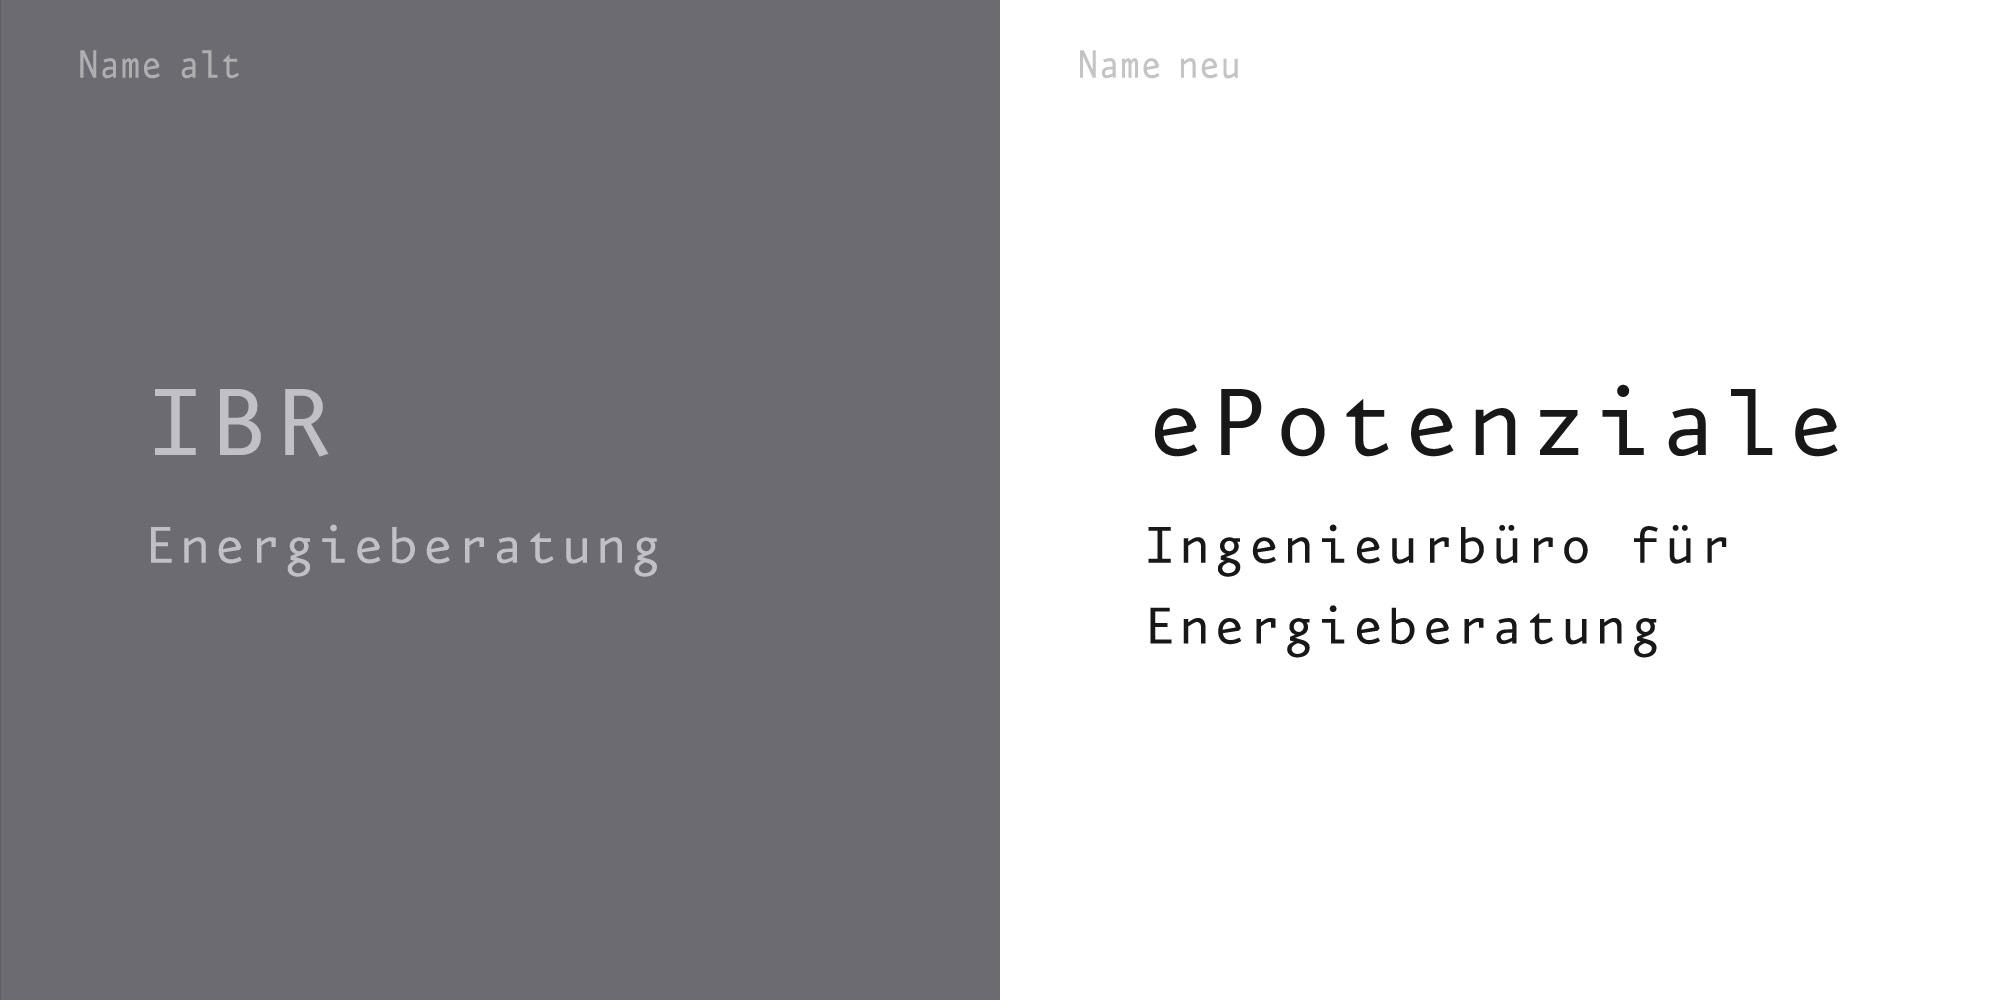 Logos und Namensentwicklung für Unternehmen